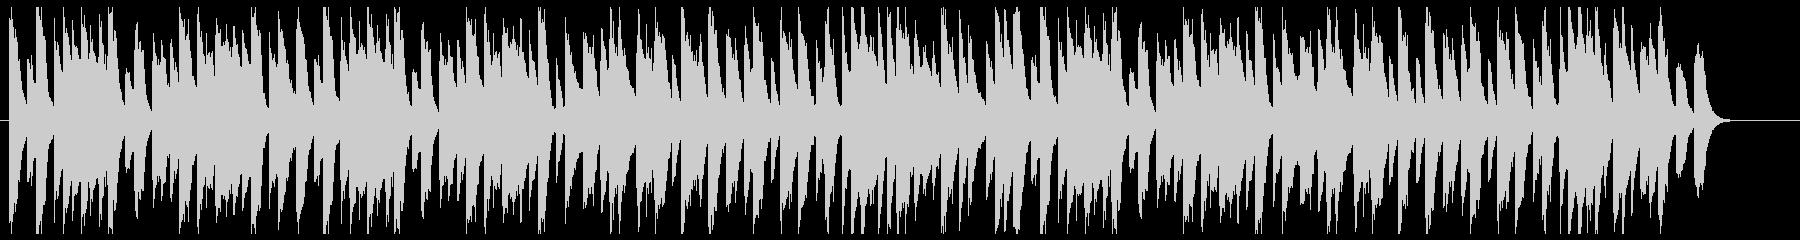 ゆったりしたア古いジャズピアノの未再生の波形